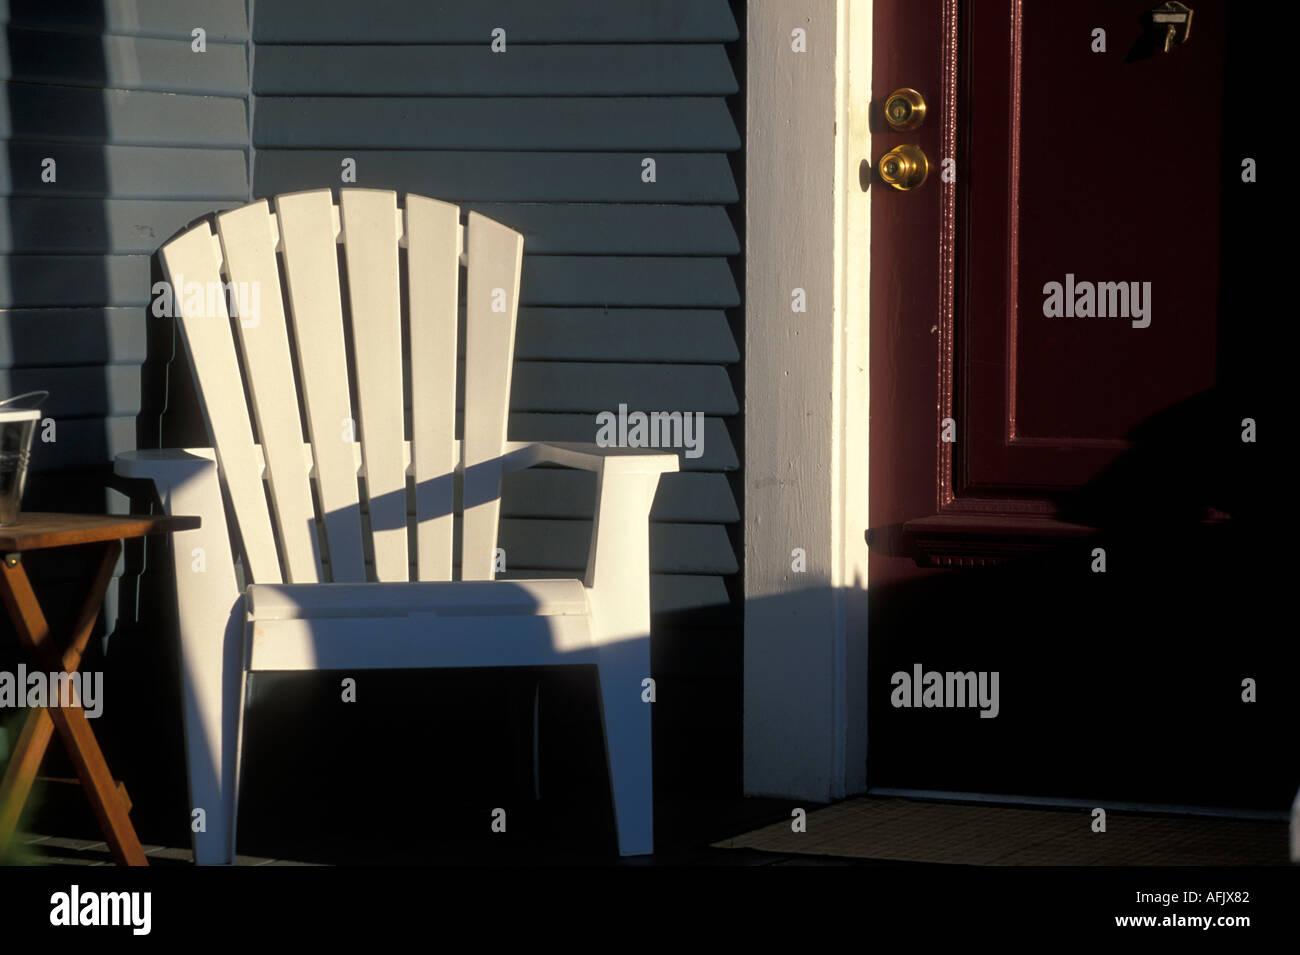 Adirondack Chairs Seattle Brinkey. Queen Anne Seattle Home Stock Photos  Queen Anne Seattle Home Stock